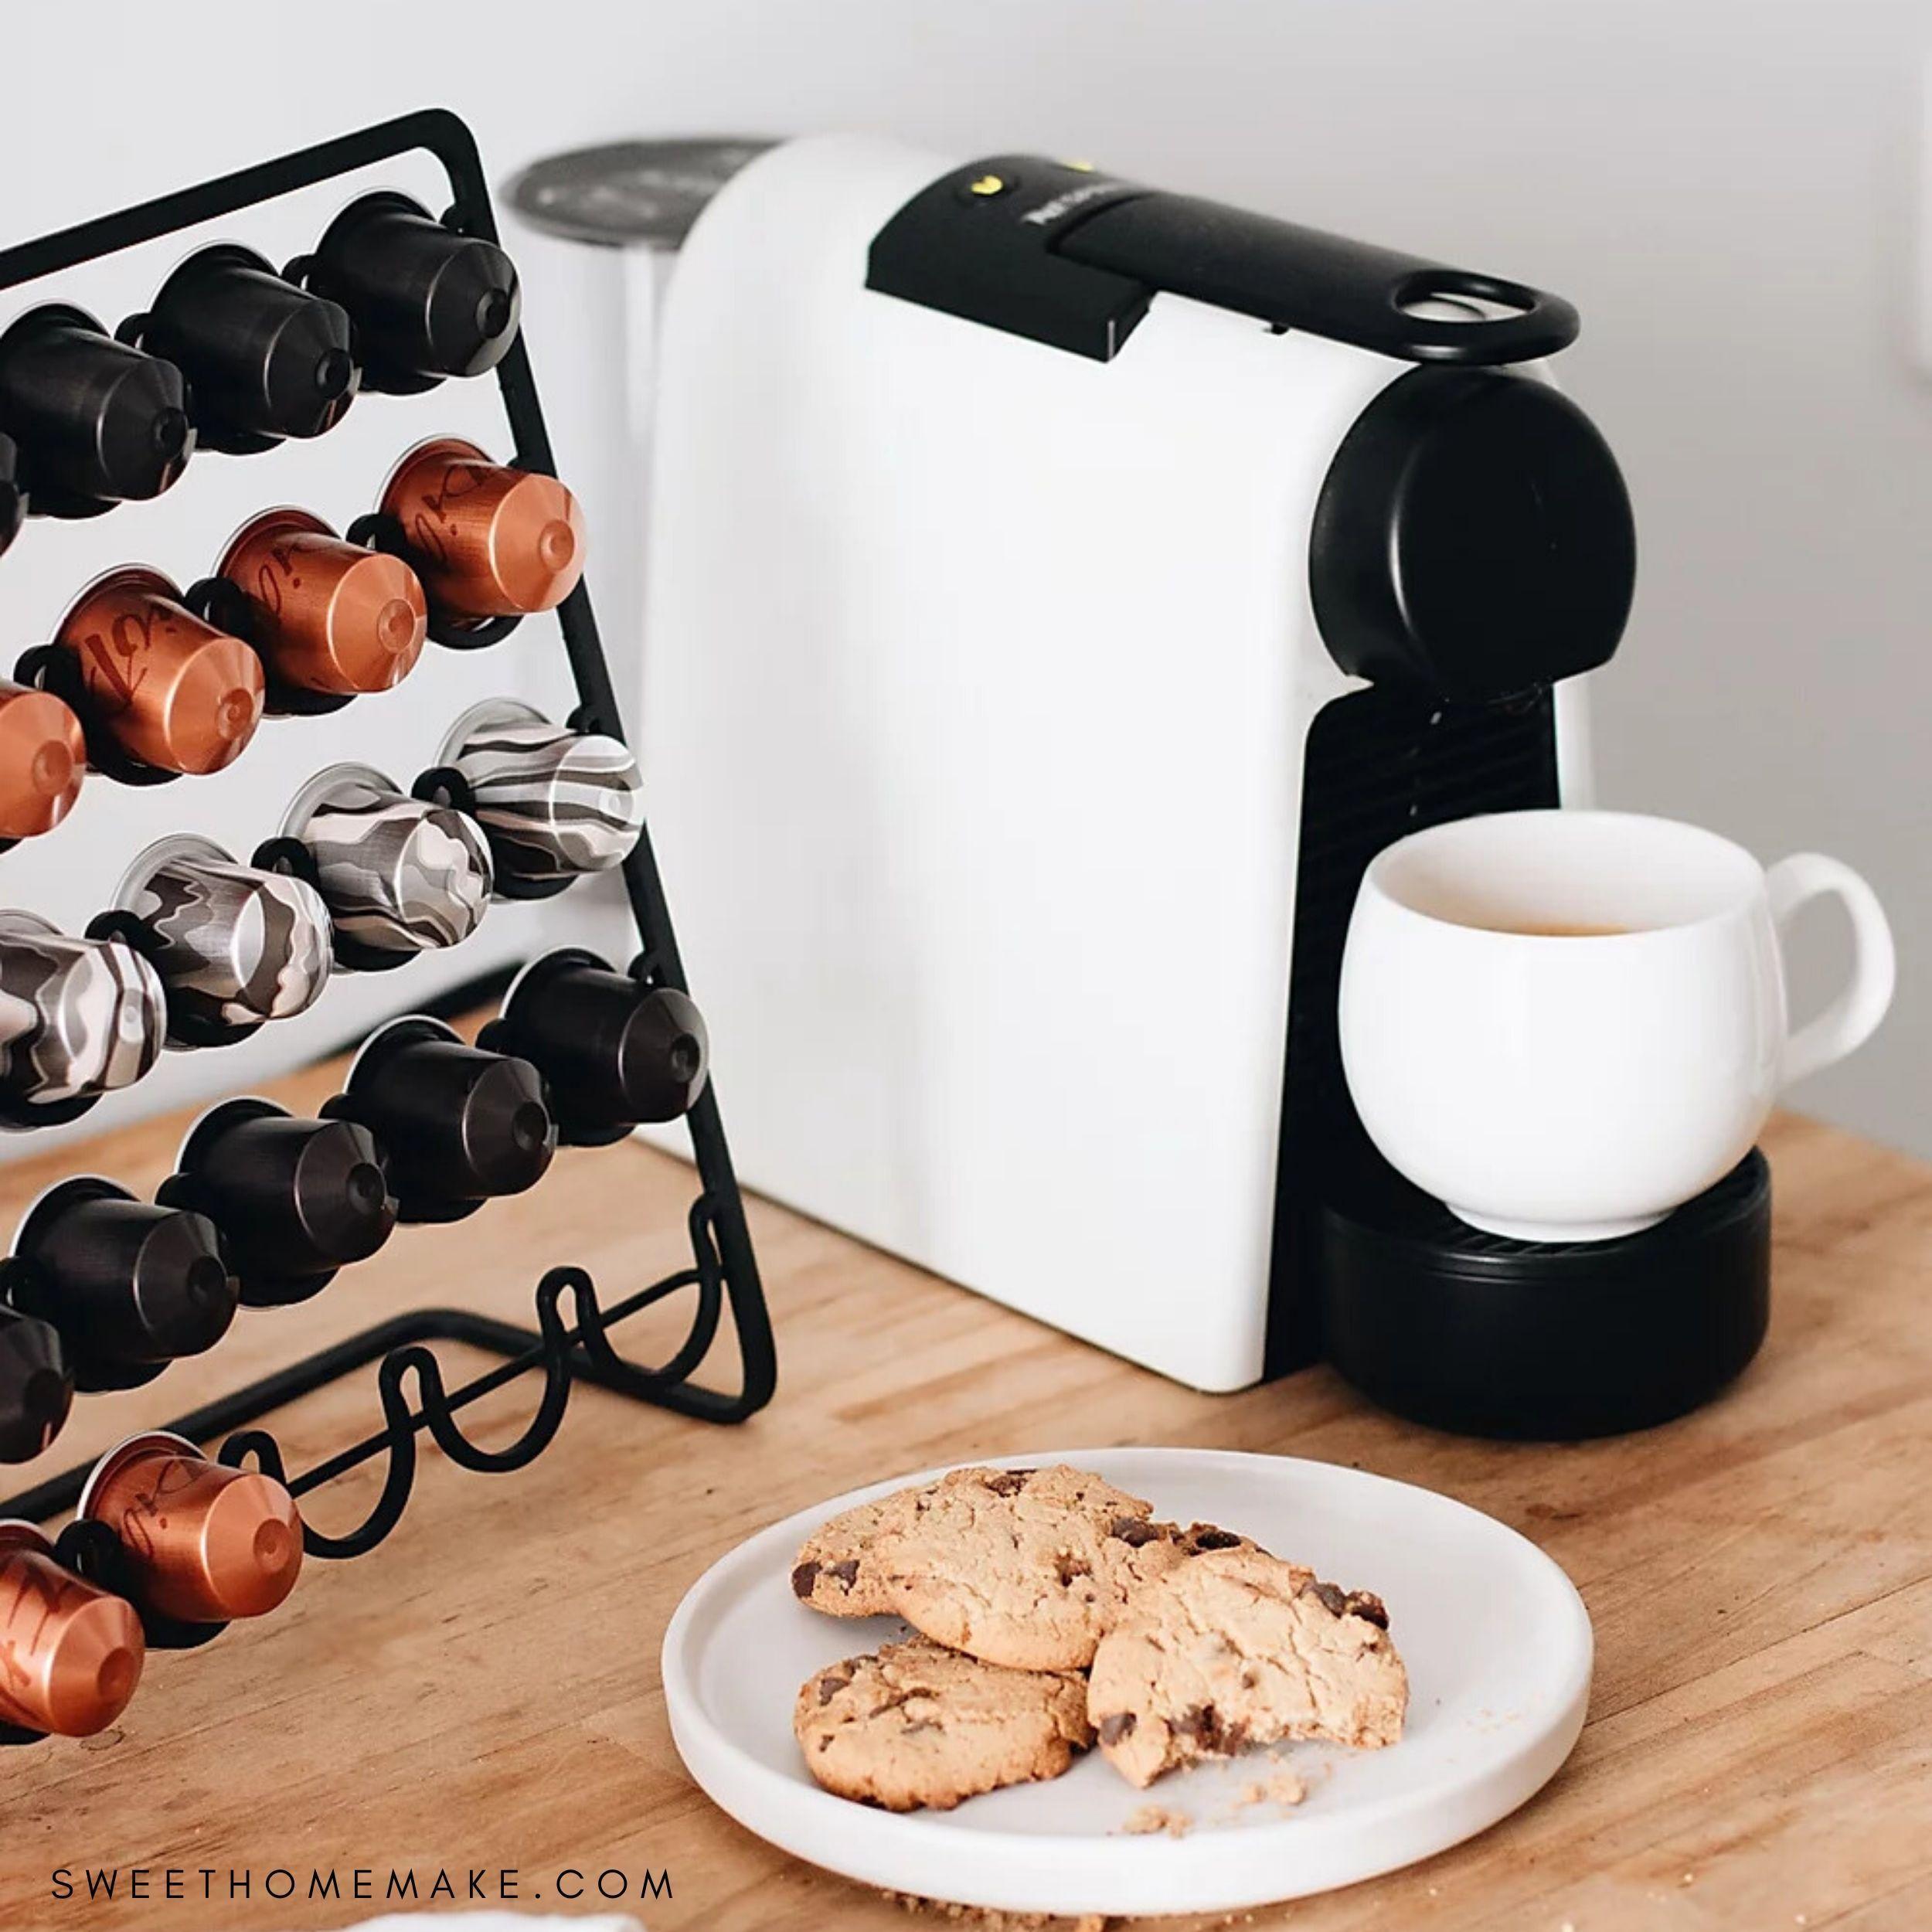 Photo of Nespresso Kapselhållare till Mässing och Koppar Inredning Dekoration